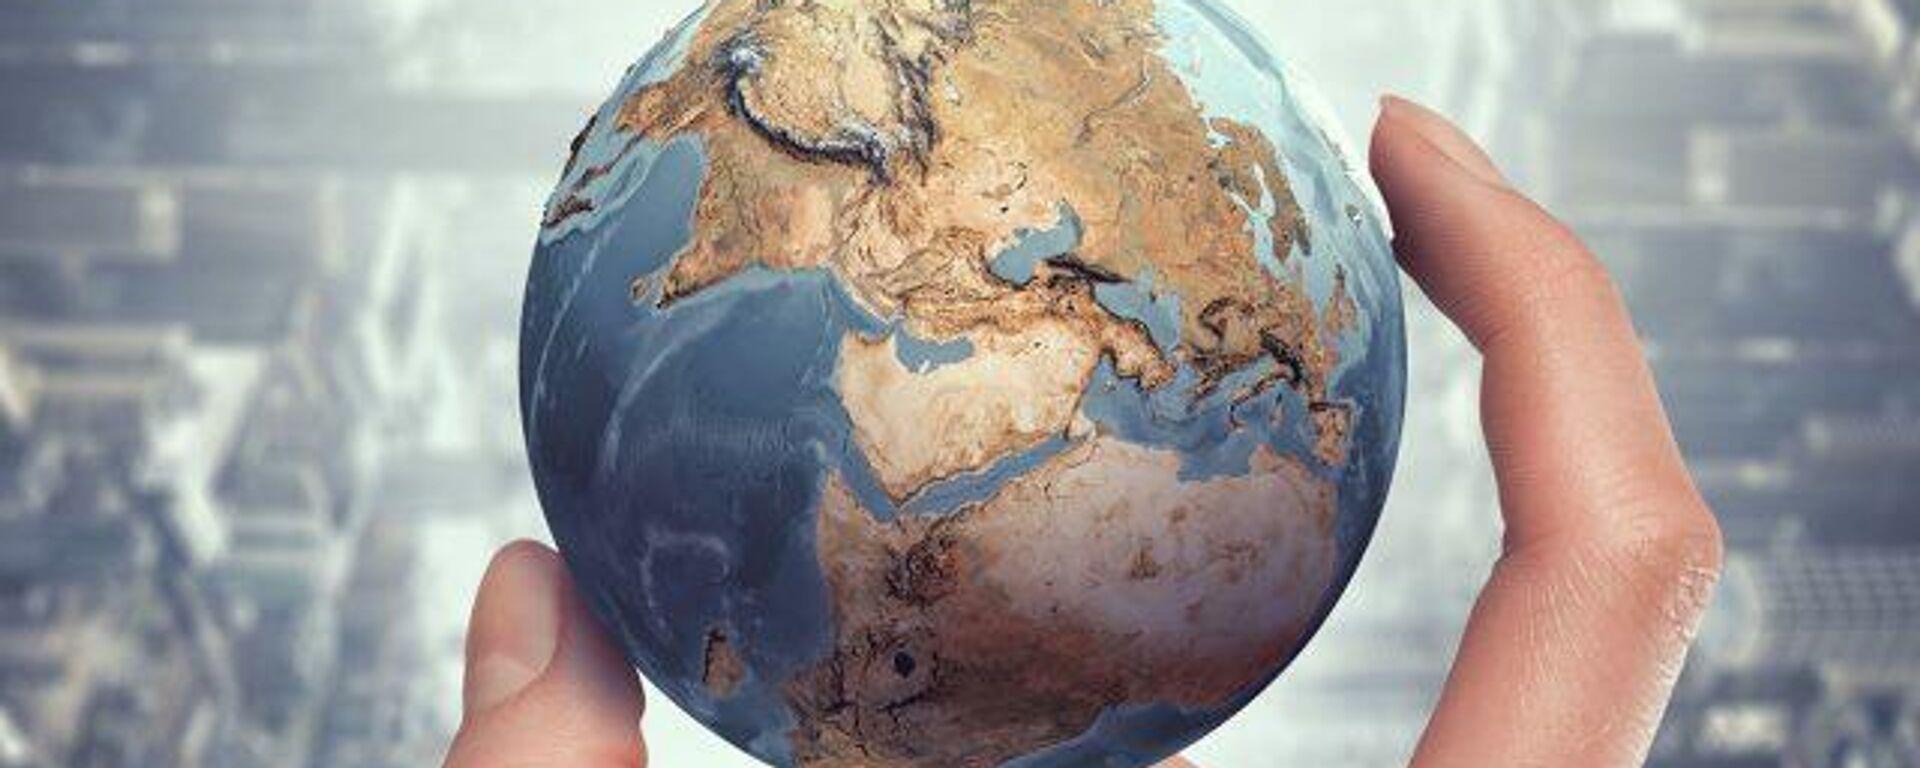 Chile controla la pandemia, pero es prematuro cantar victoria - Sputnik Mundo, 1920, 30.09.2021